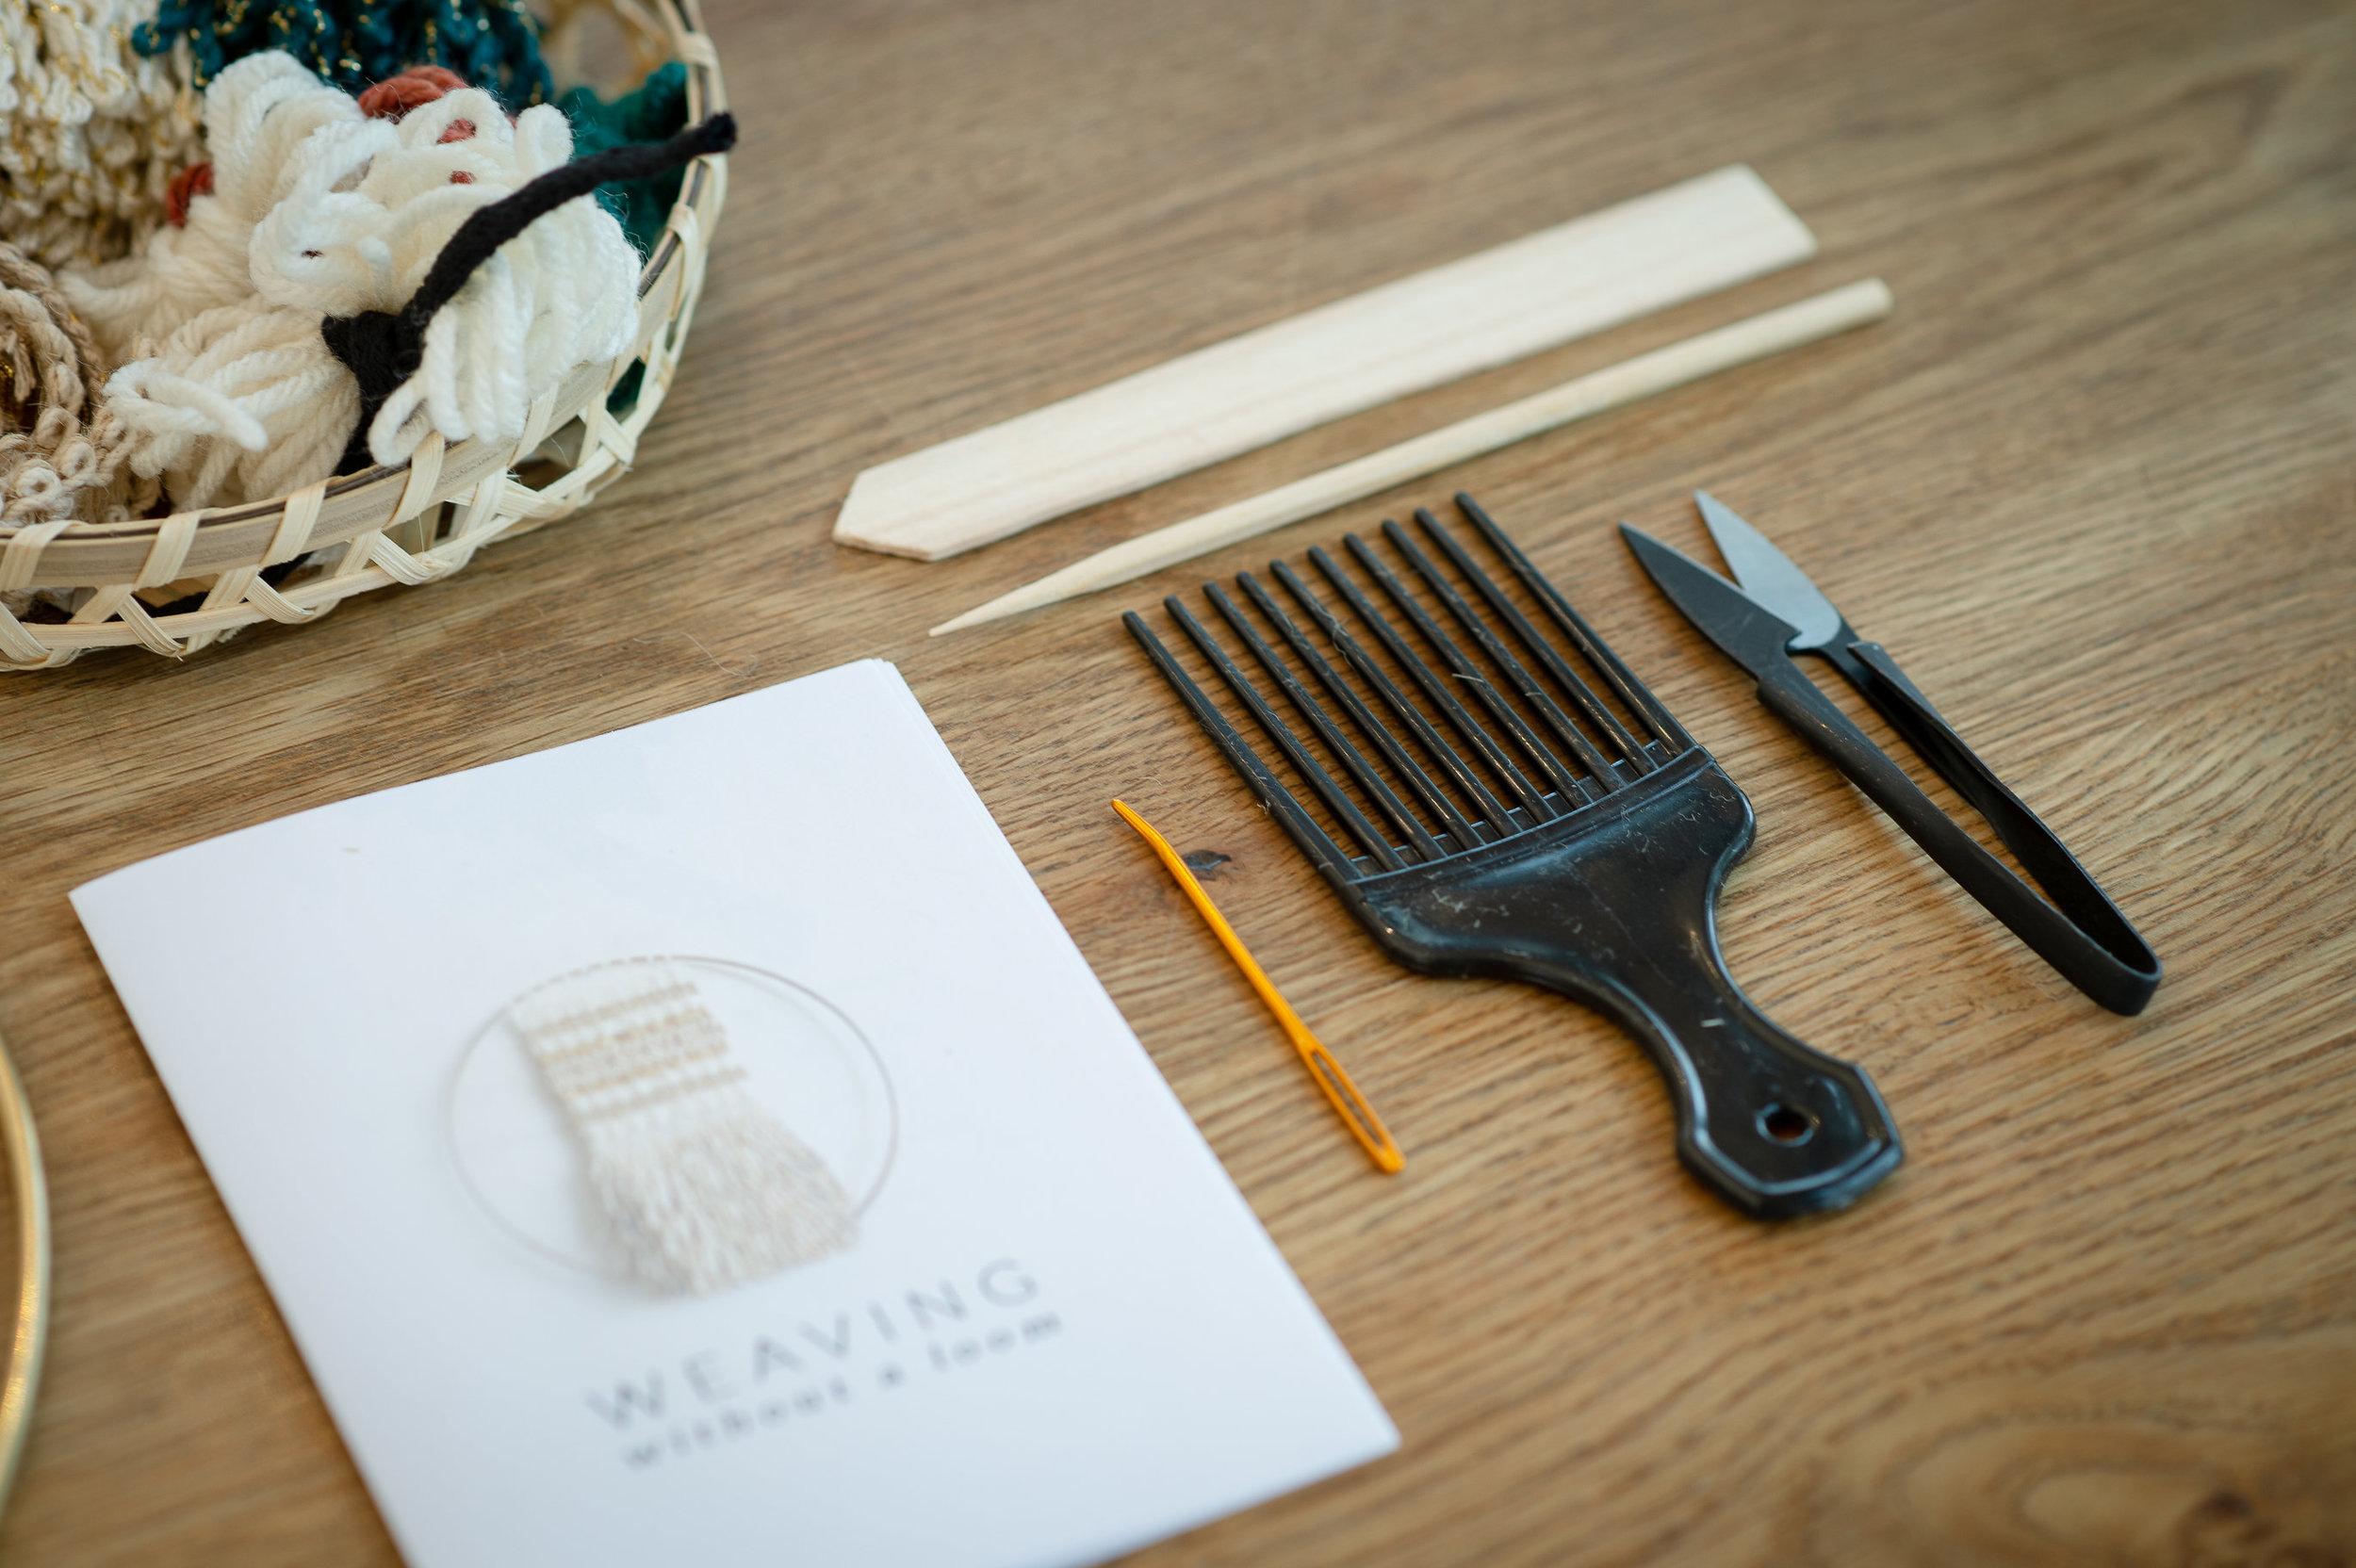 062118_WW_Weaving-6.jpg